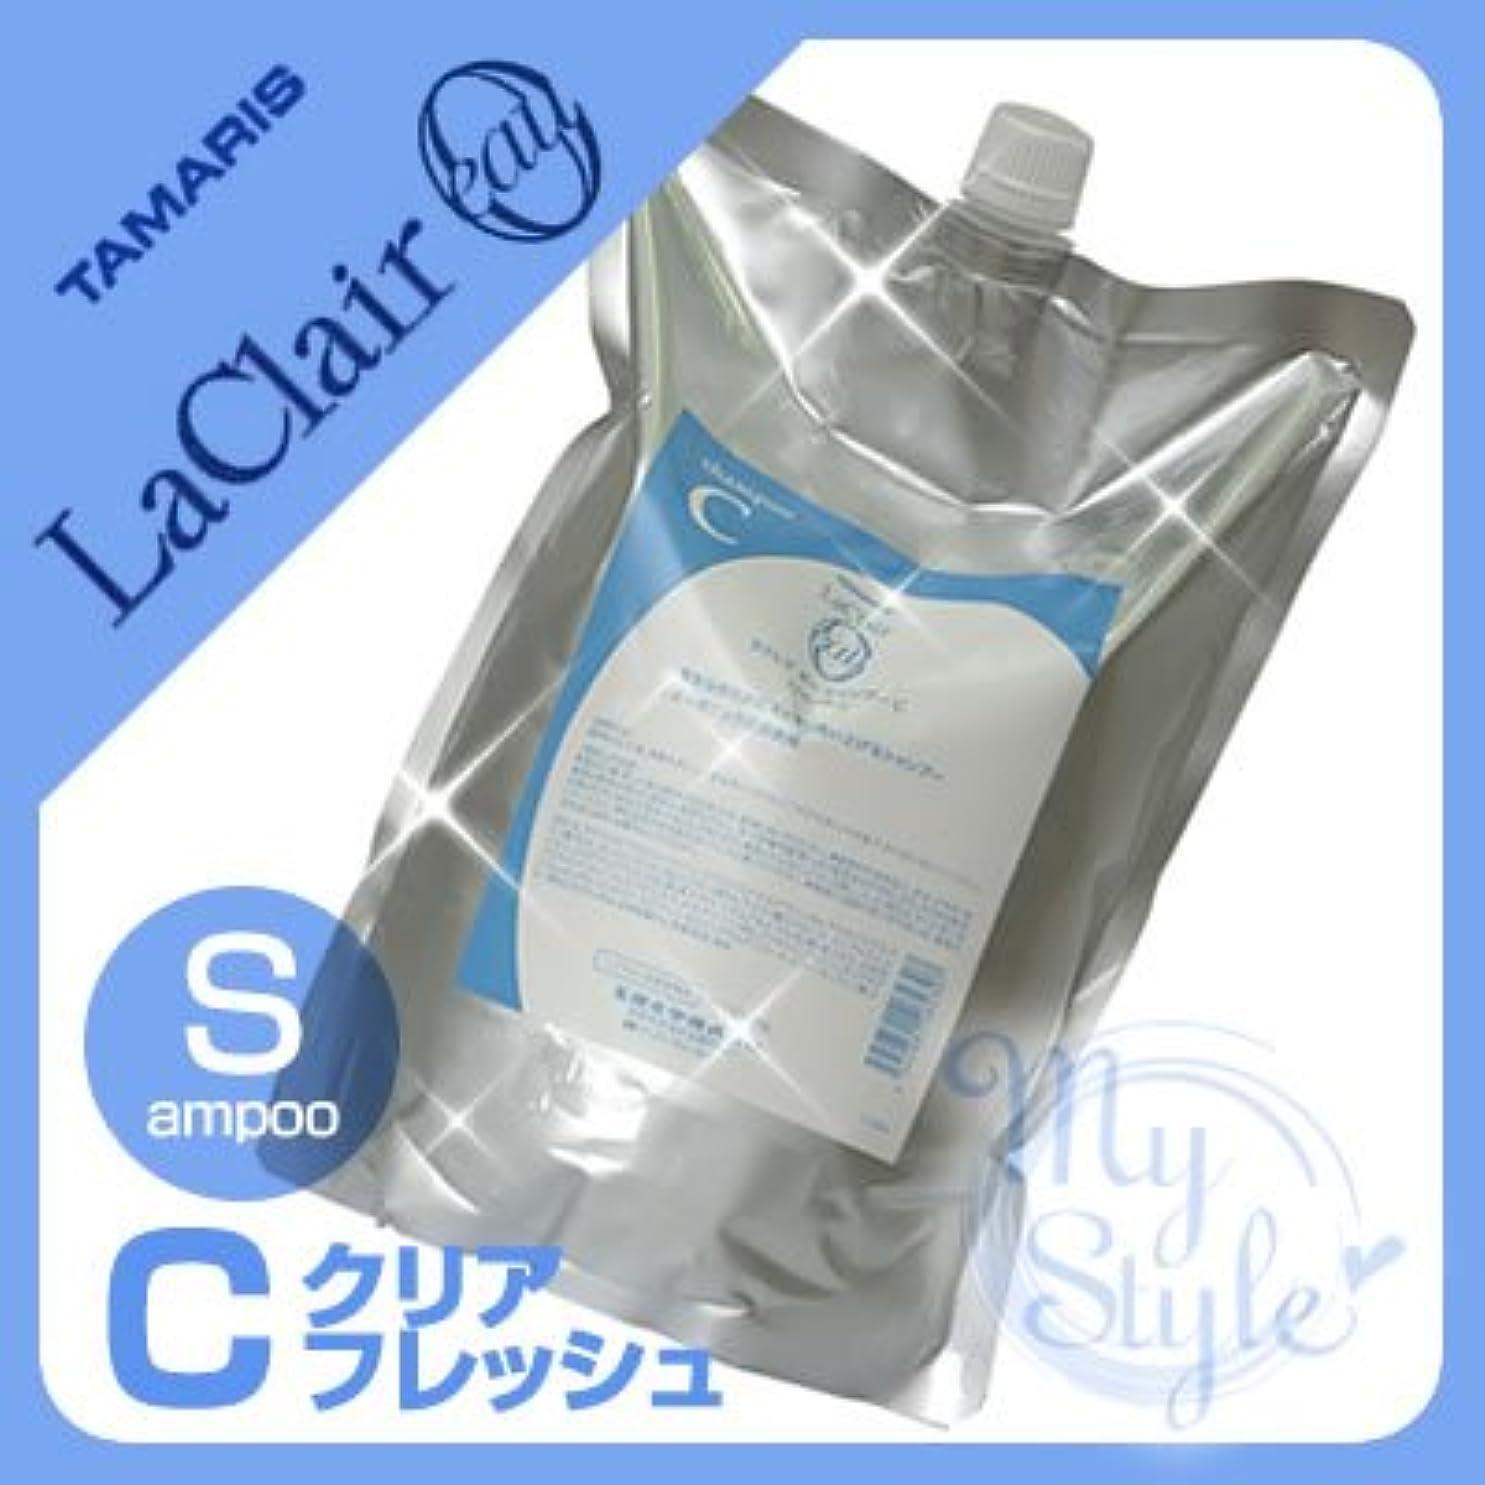 トランクライフル規制するタマリス ラクレア オー クリアフレッシュ シャンプーC <2000mL>詰め替えTAMARIS LaClair eau